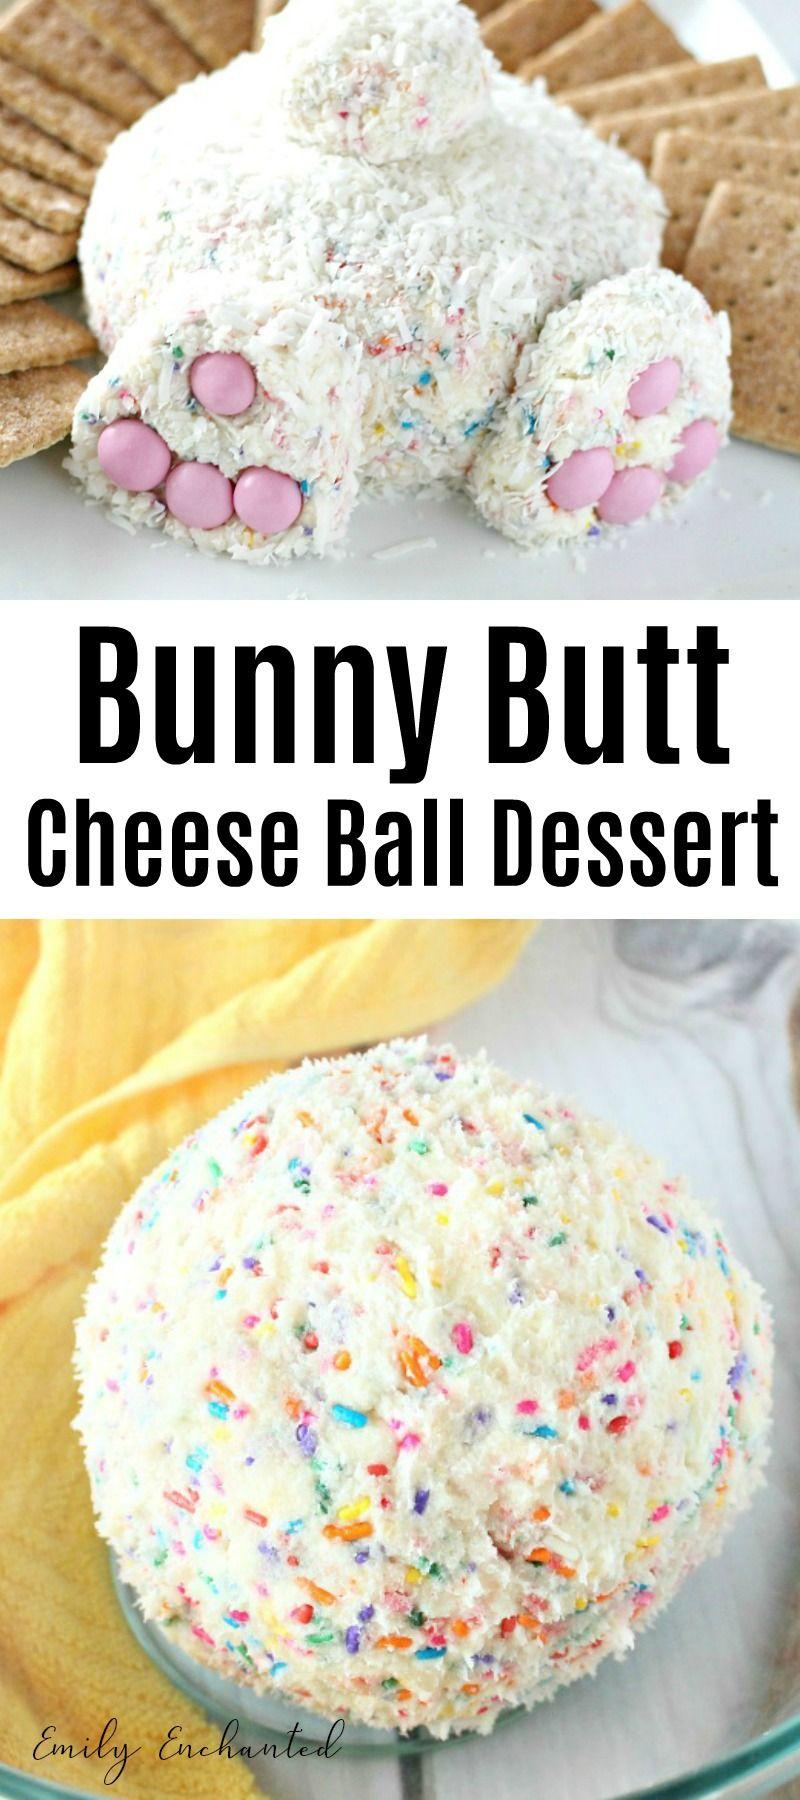 Sweet Bunny Butt Cheese Ball Easter Dessert Recipe